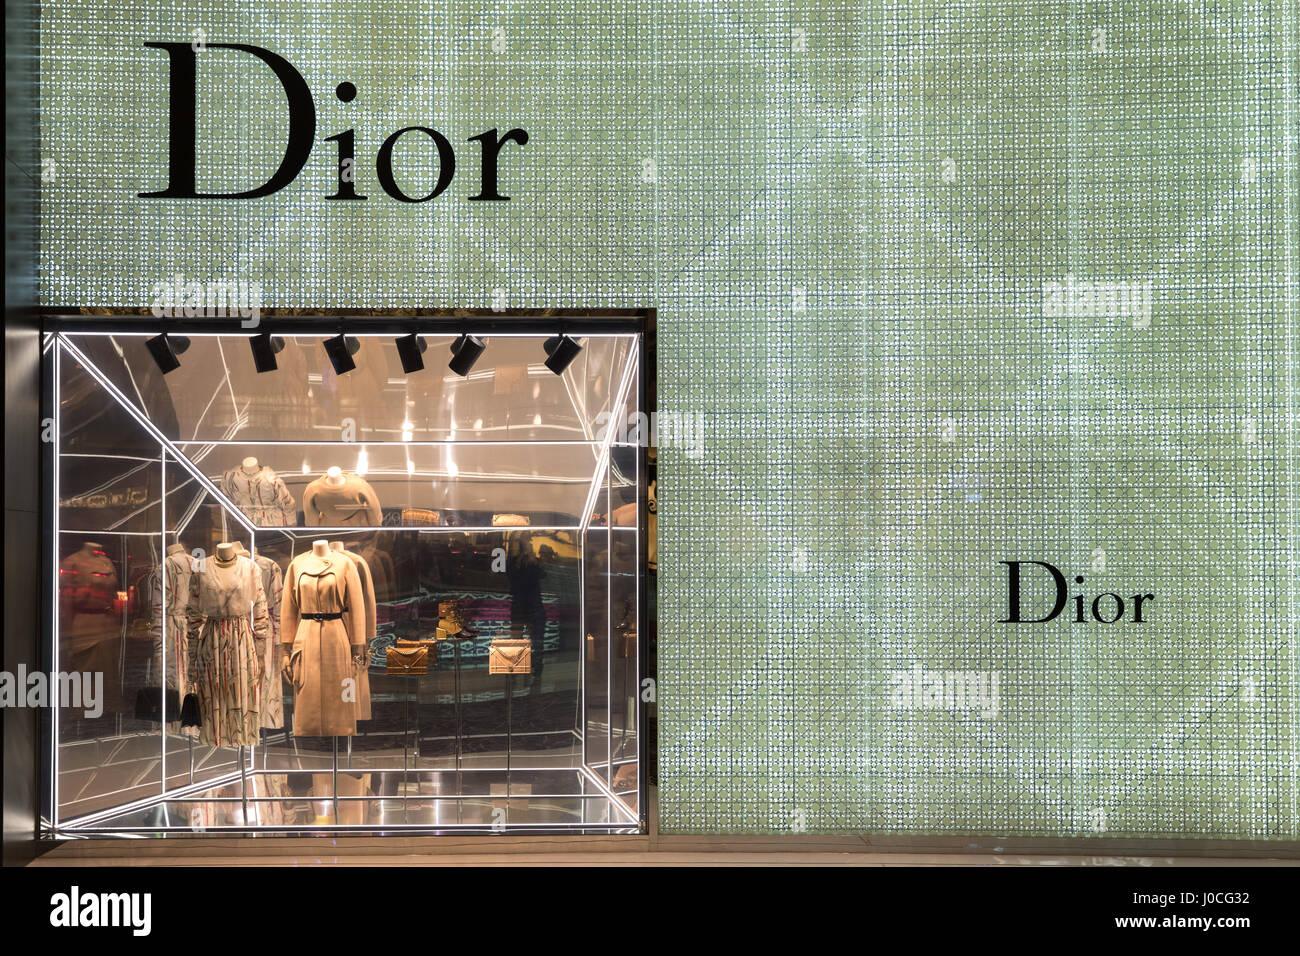 The Dior store in Dubai Mall - Stock Image